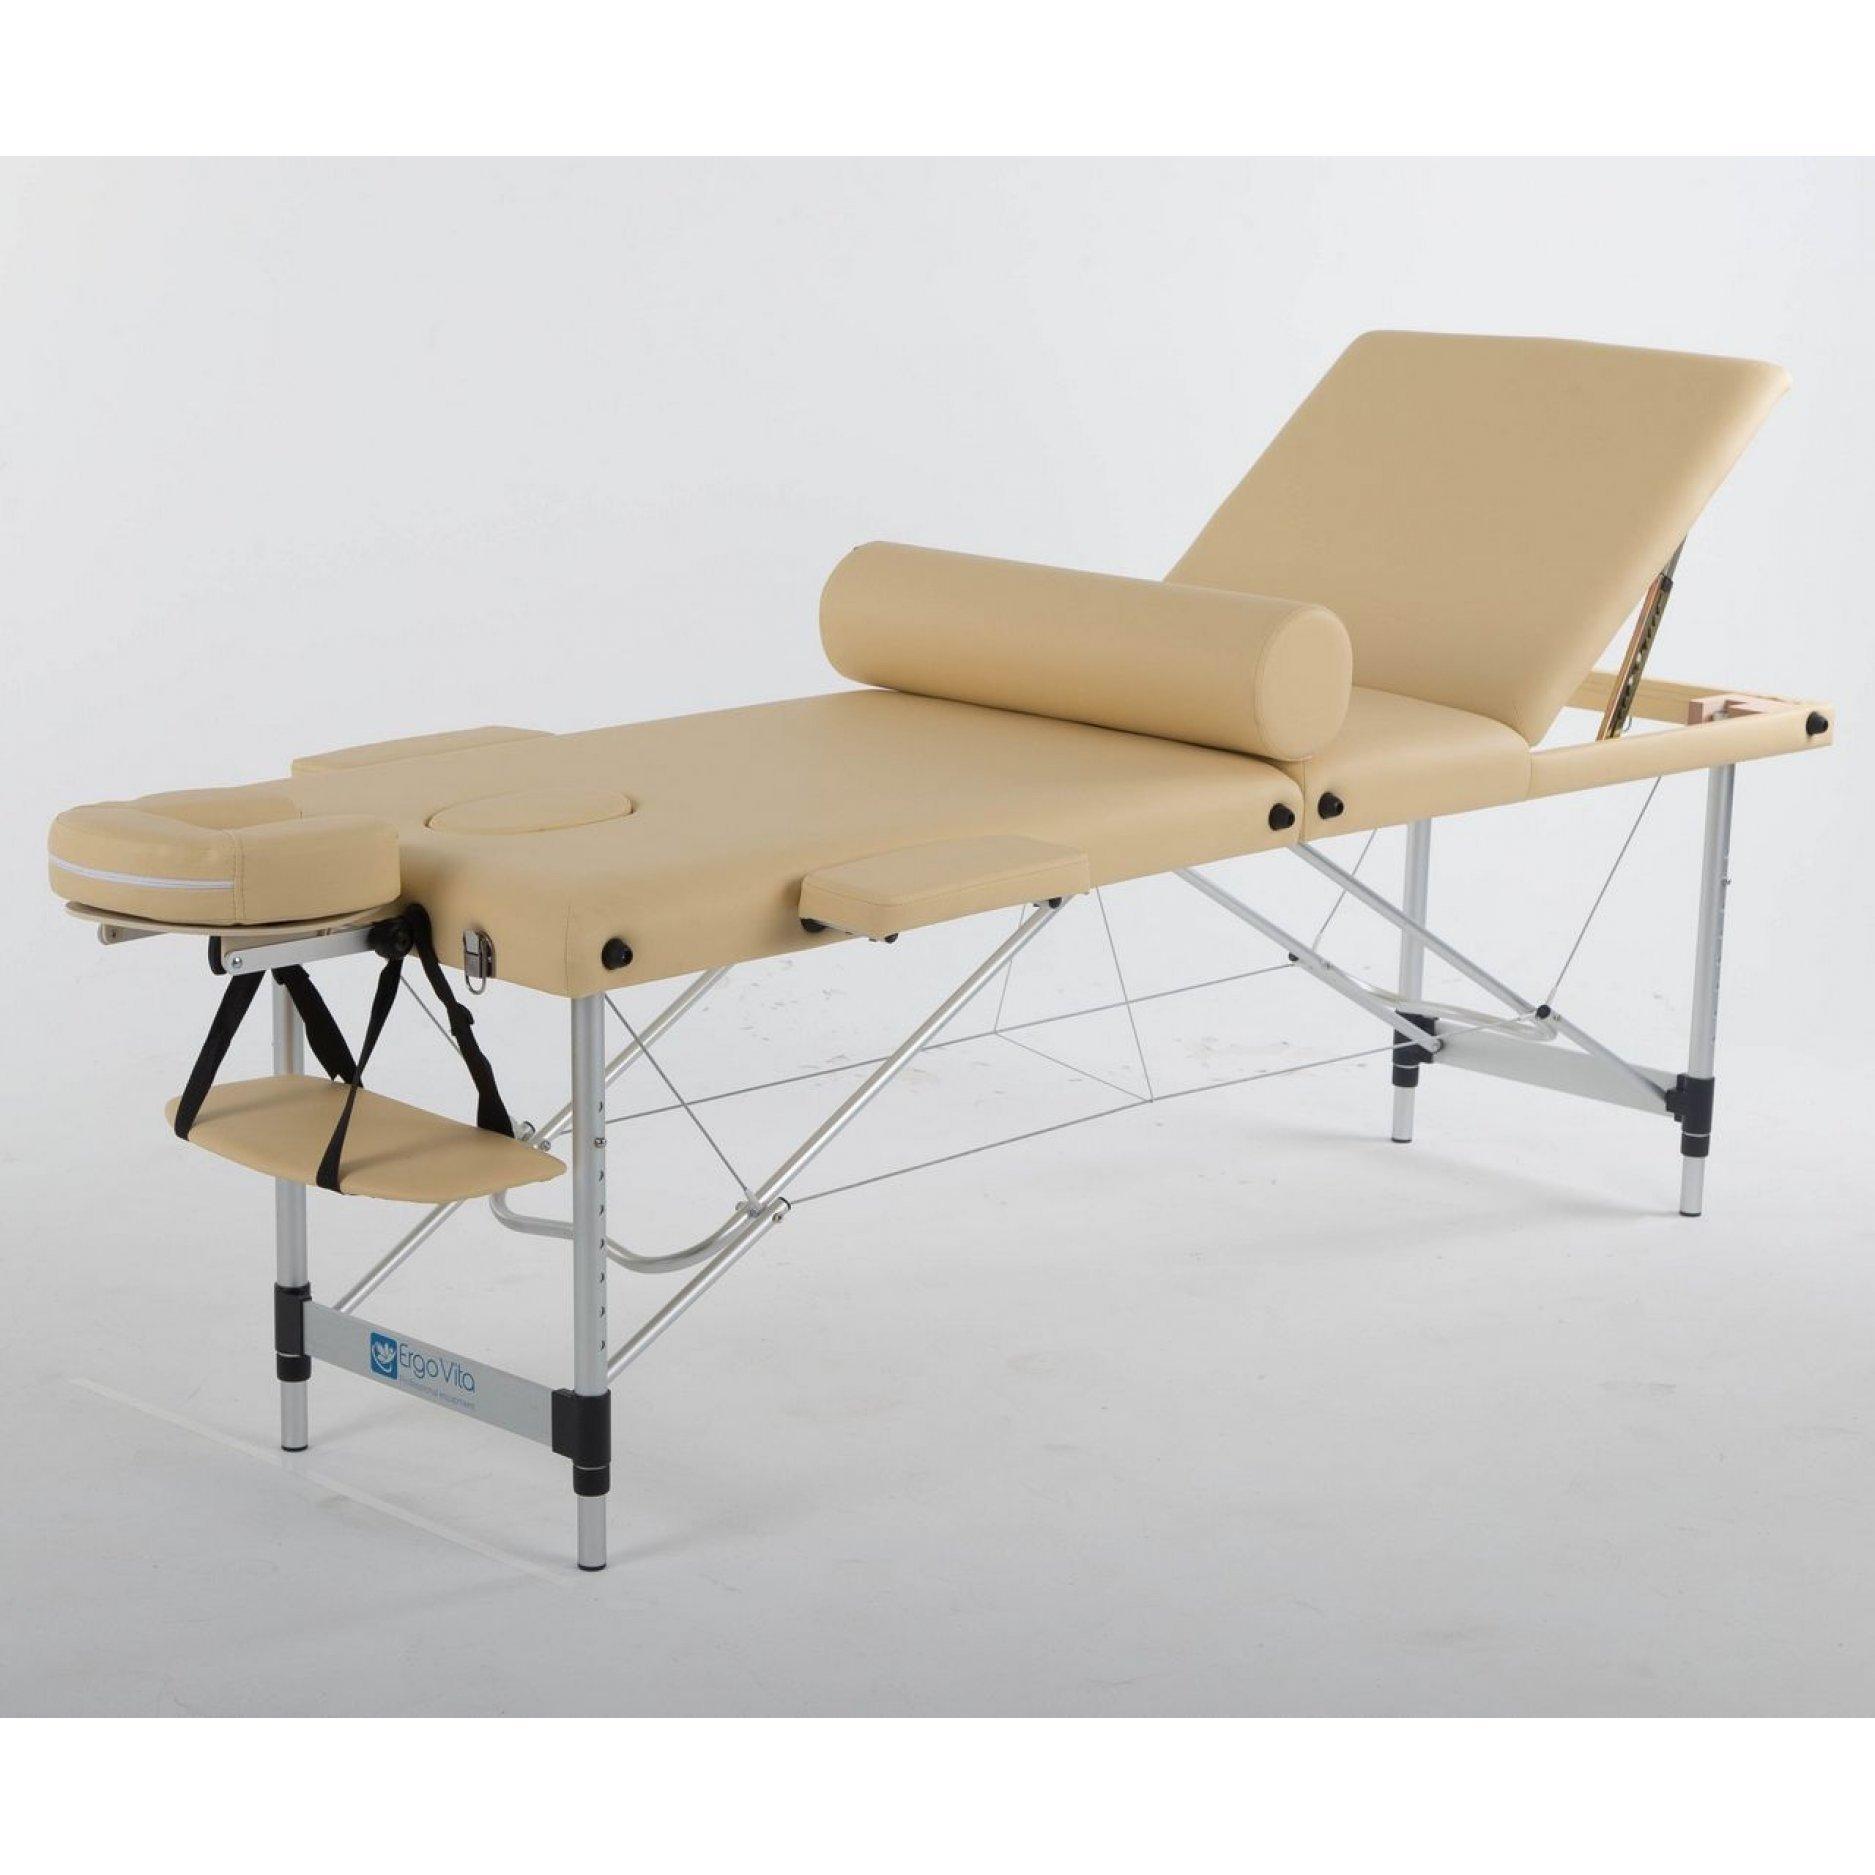 Складной массажный стол ErgoVita Classic Alu Plus бежевый